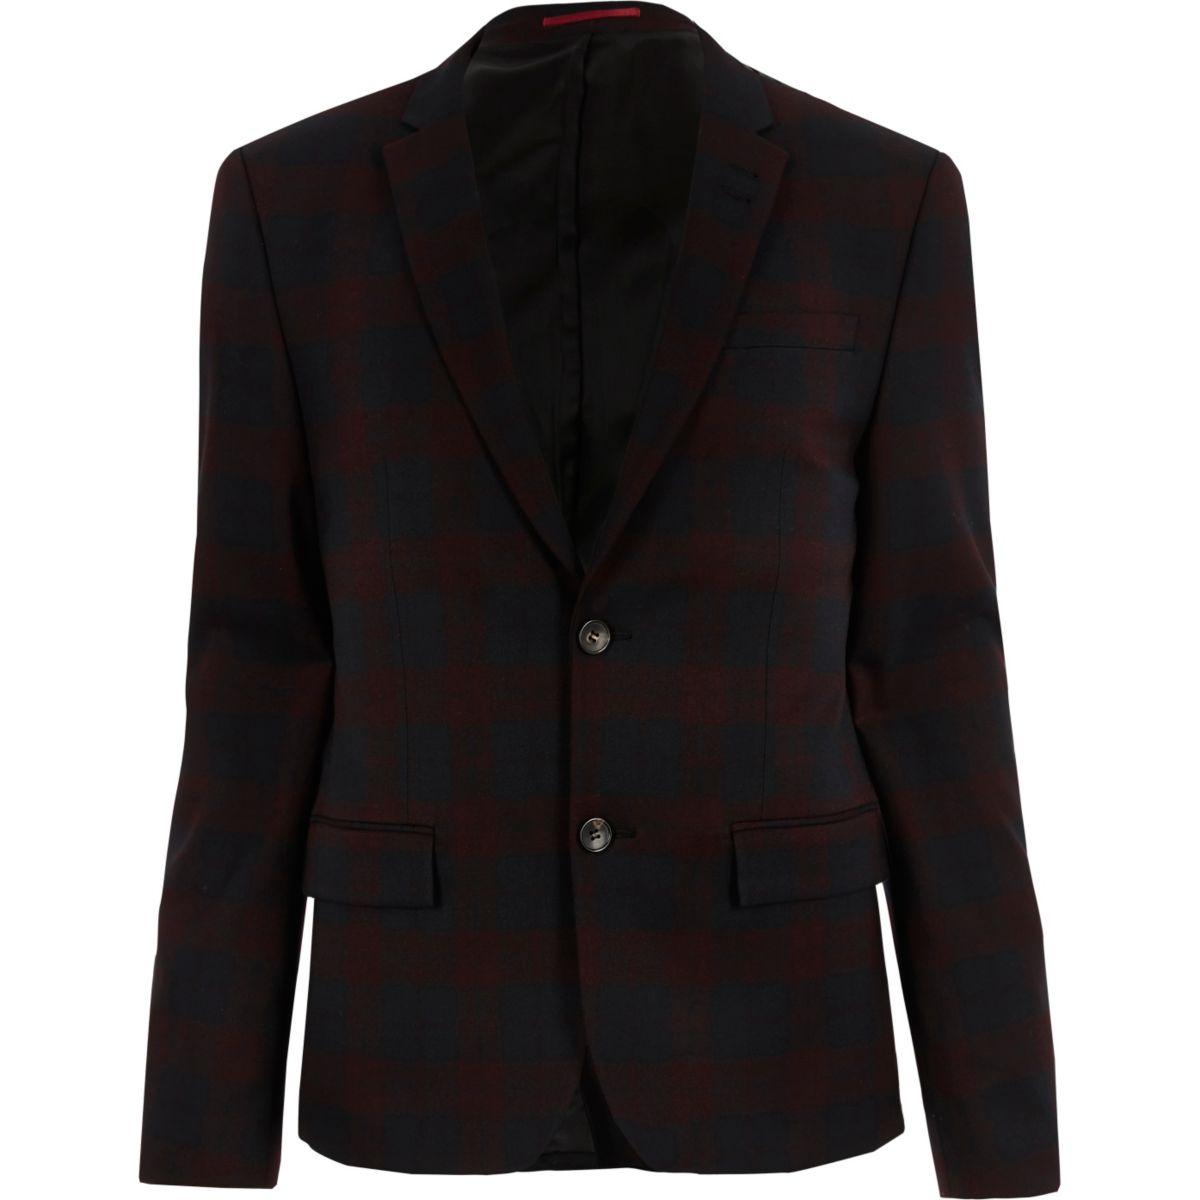 Red tartan skinny suit jacket